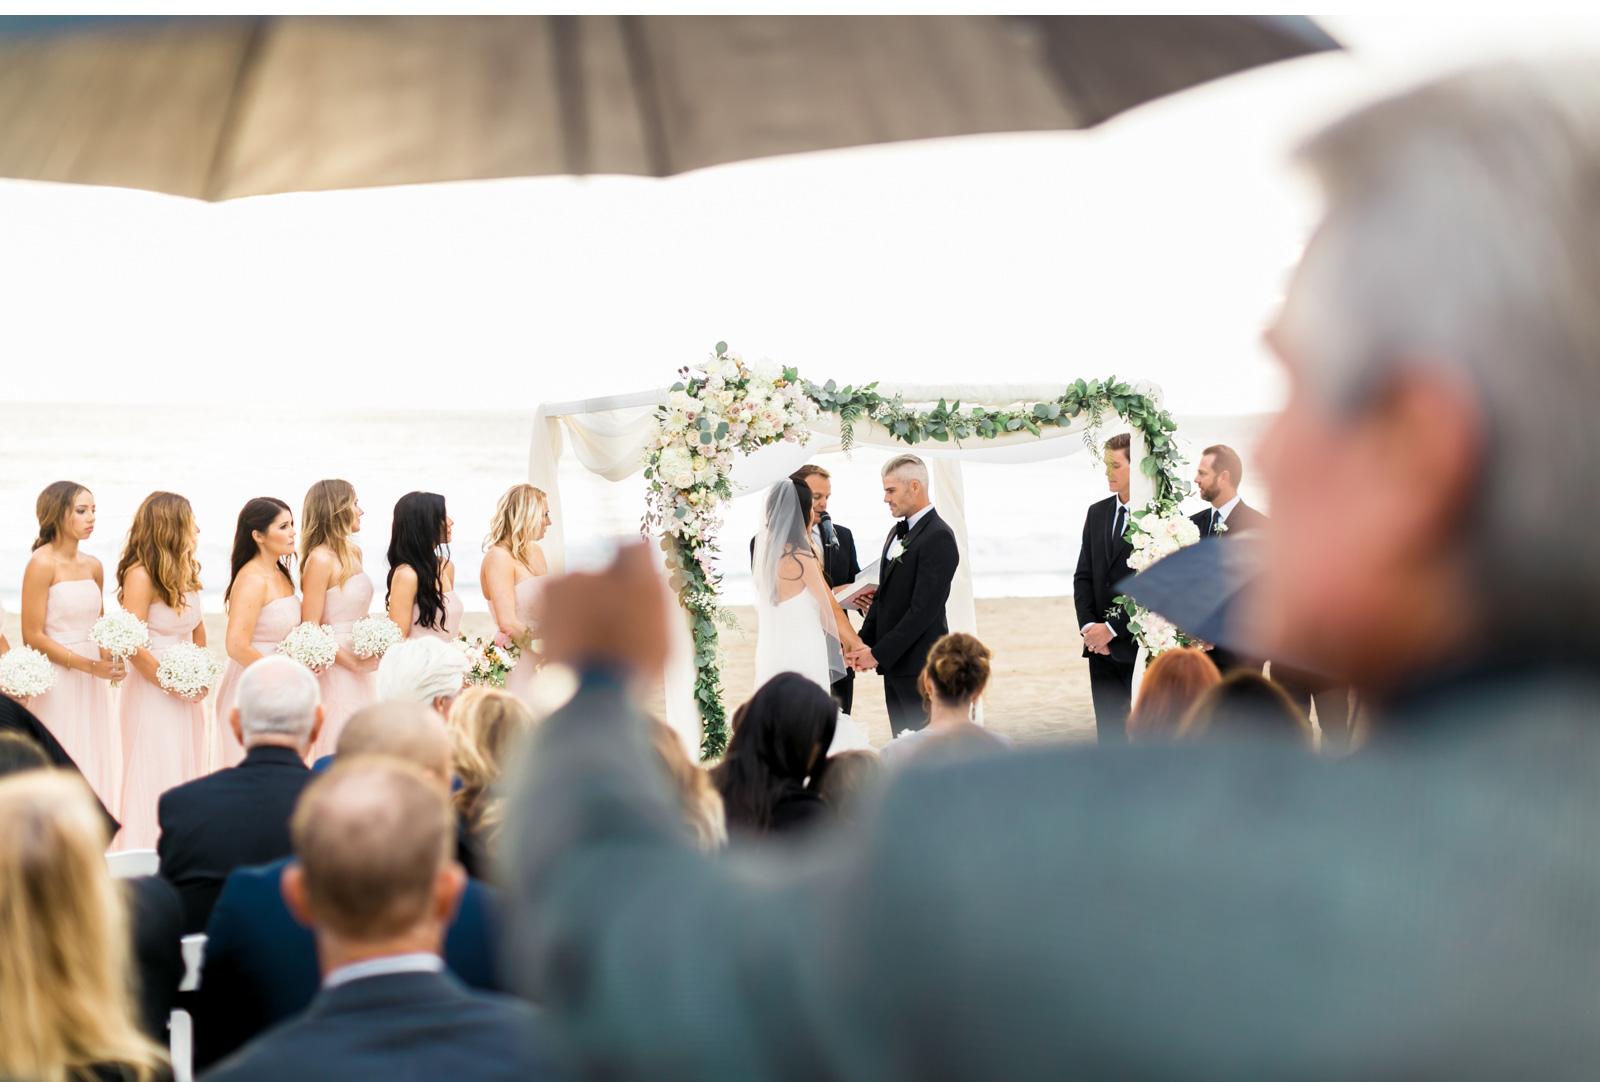 Southern-California-Fine-Art-Wedding-Photographer-Natalie-Schutt-Photography_02.jpg